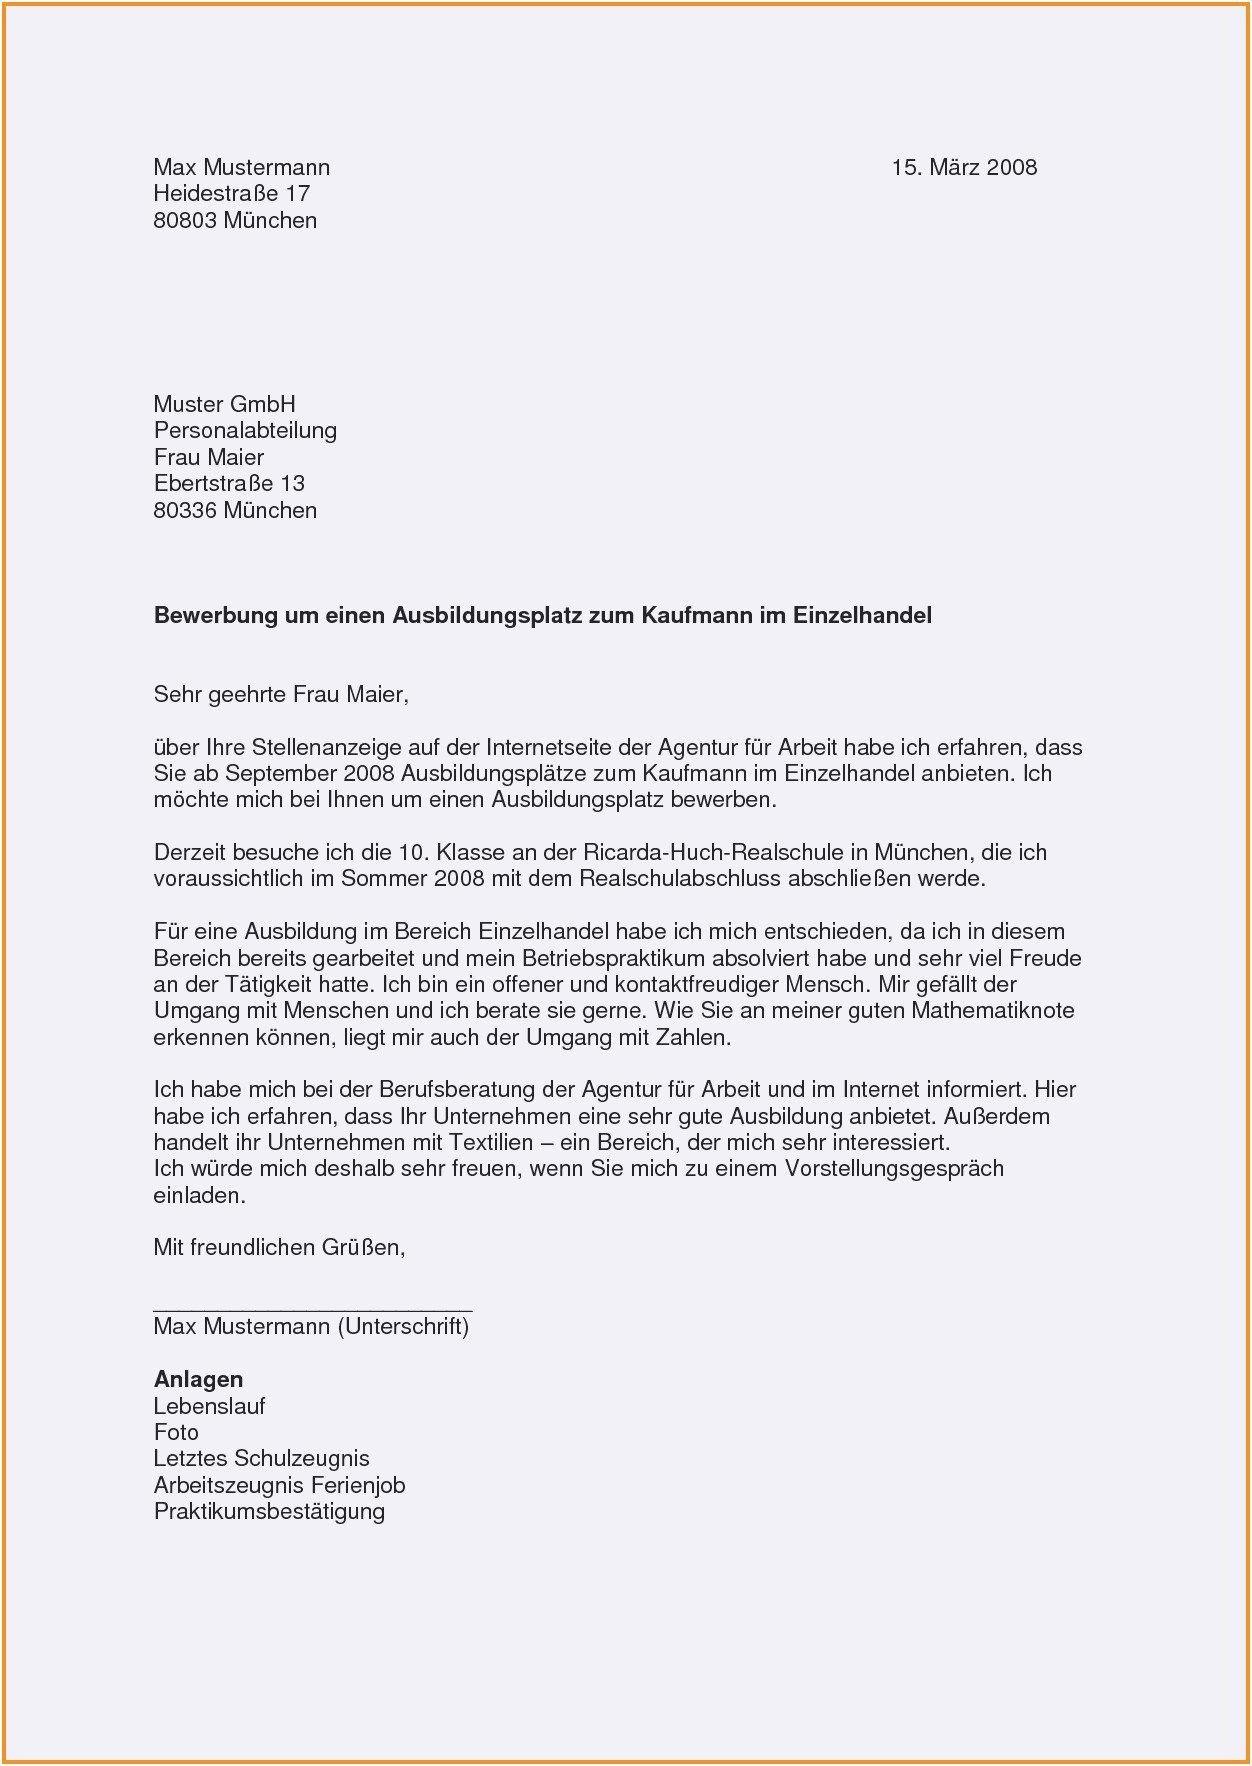 Frisch Bewerbungsschreiben Produktionshelfer Ohne Erfahrung Briefprobe Briefformat Briefvorlage Vorlagen Lebenslauf Lebenslauf Bewerbung Ausbildungsplatz